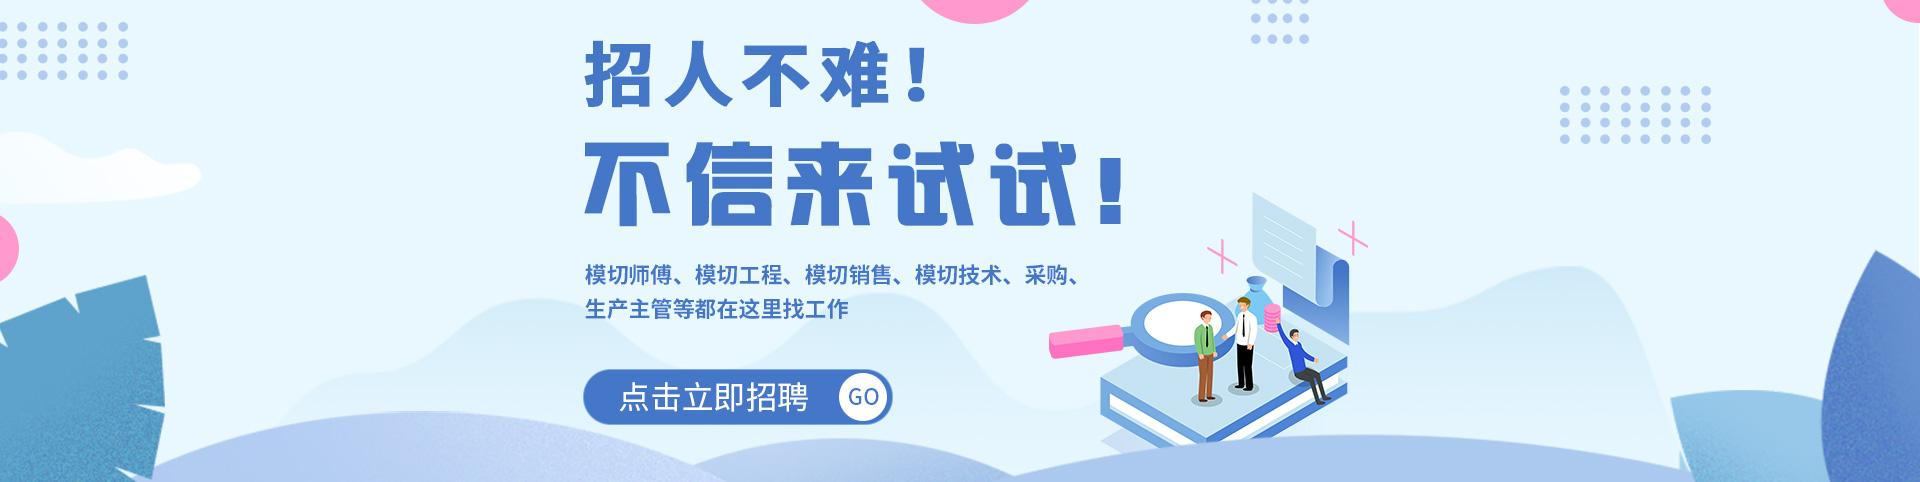 乐虎国际游戏招聘